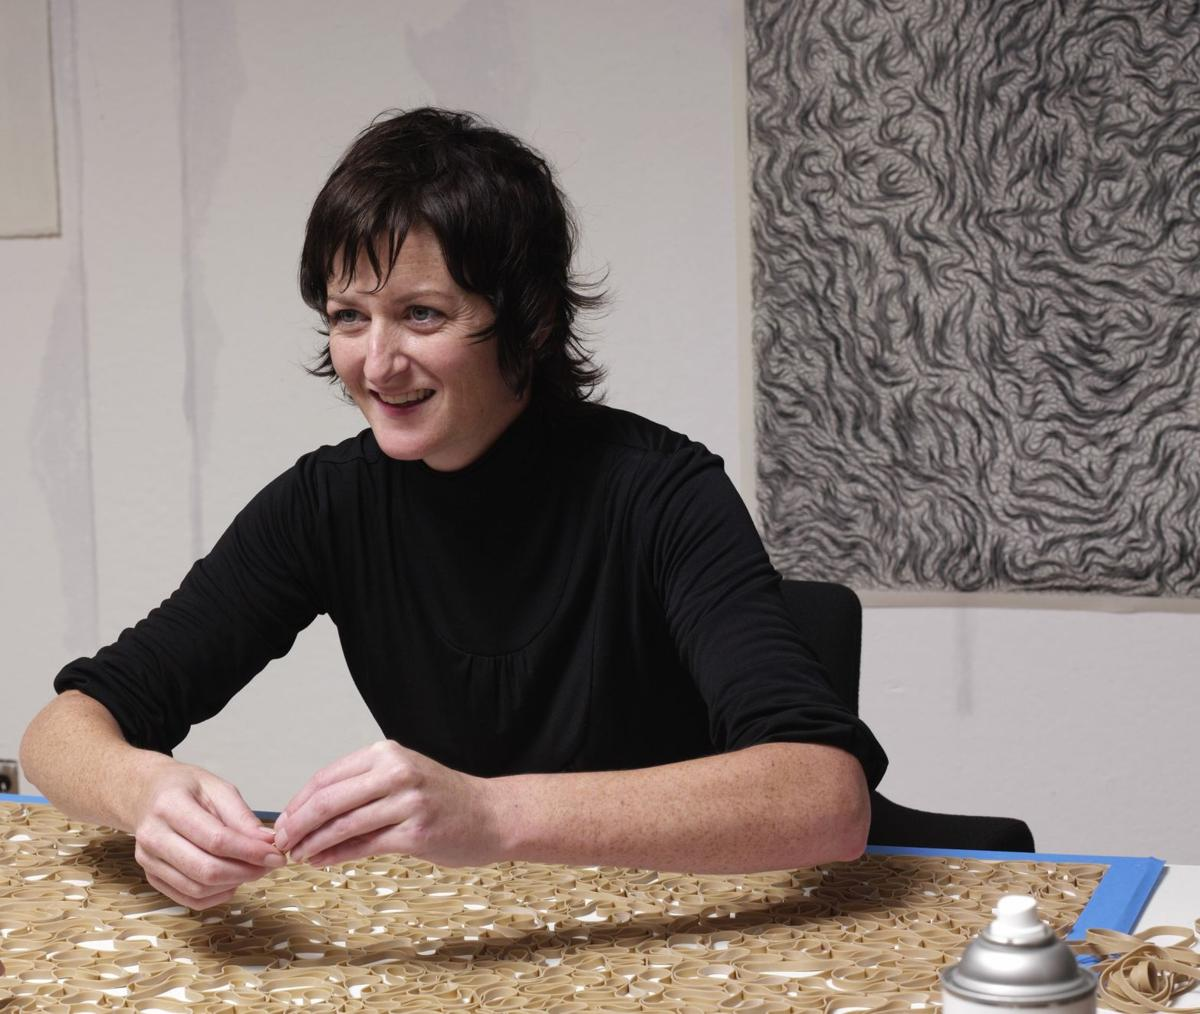 Tara Donovan's post-minimalist transformations